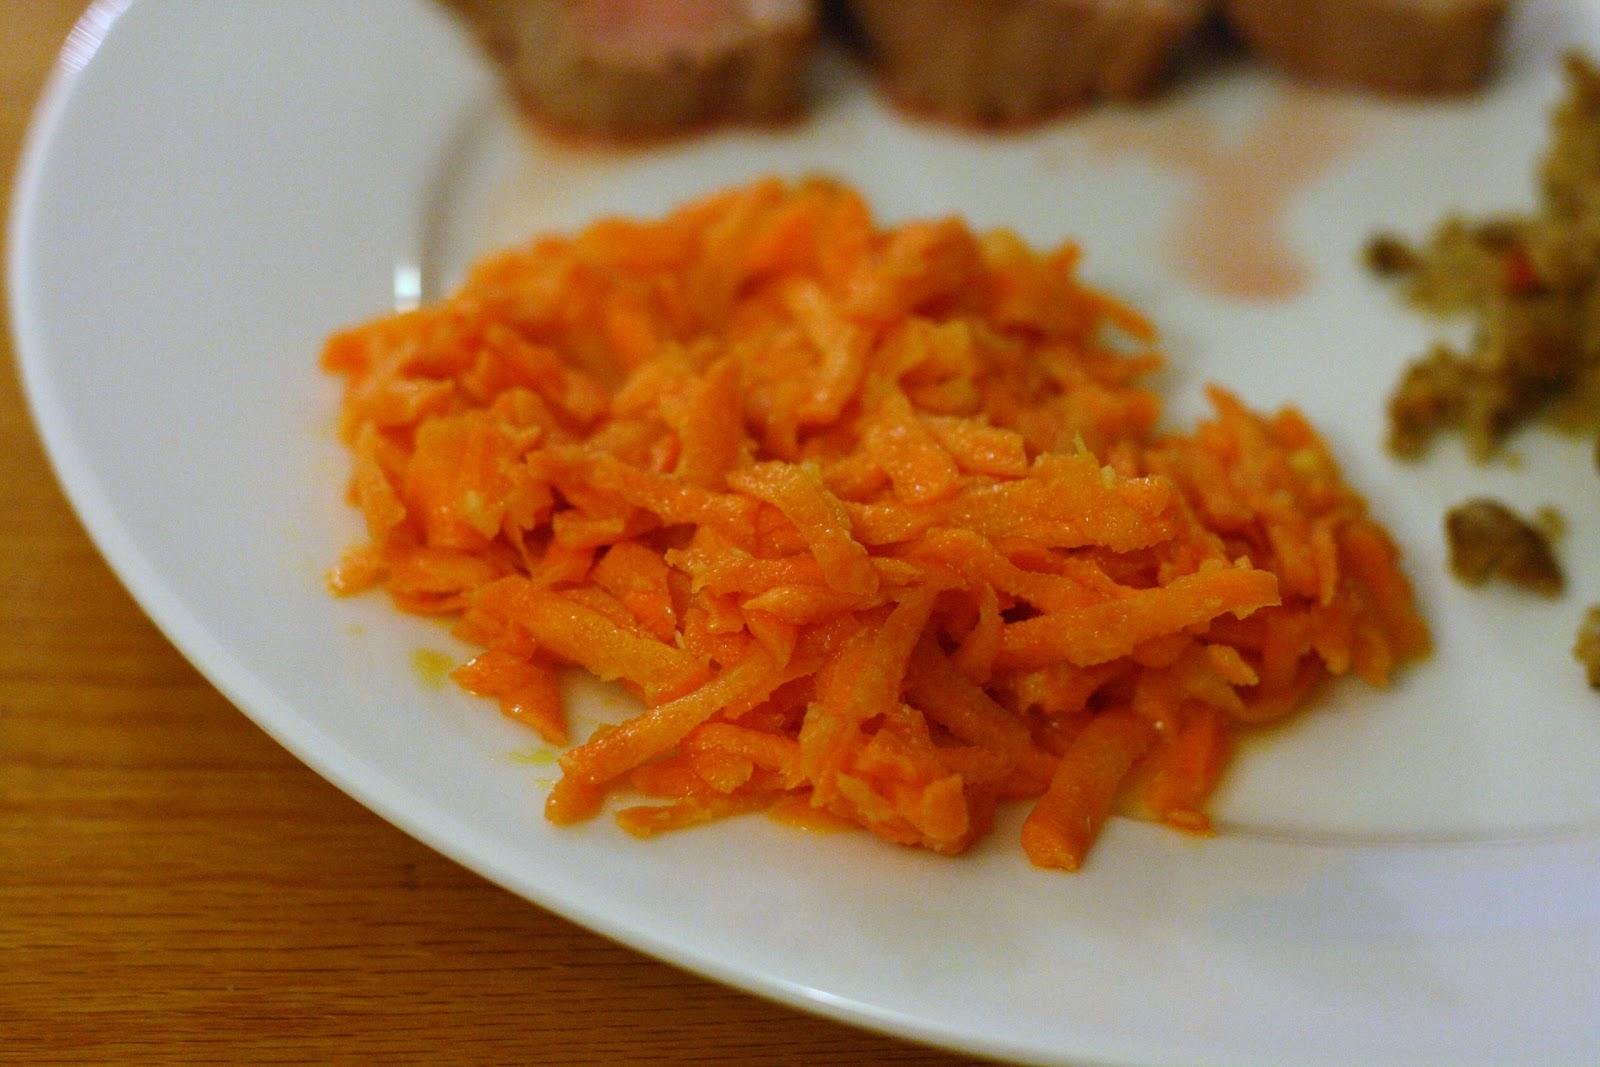 Shredded Carrot Salad with Horseradish Vinaigrette